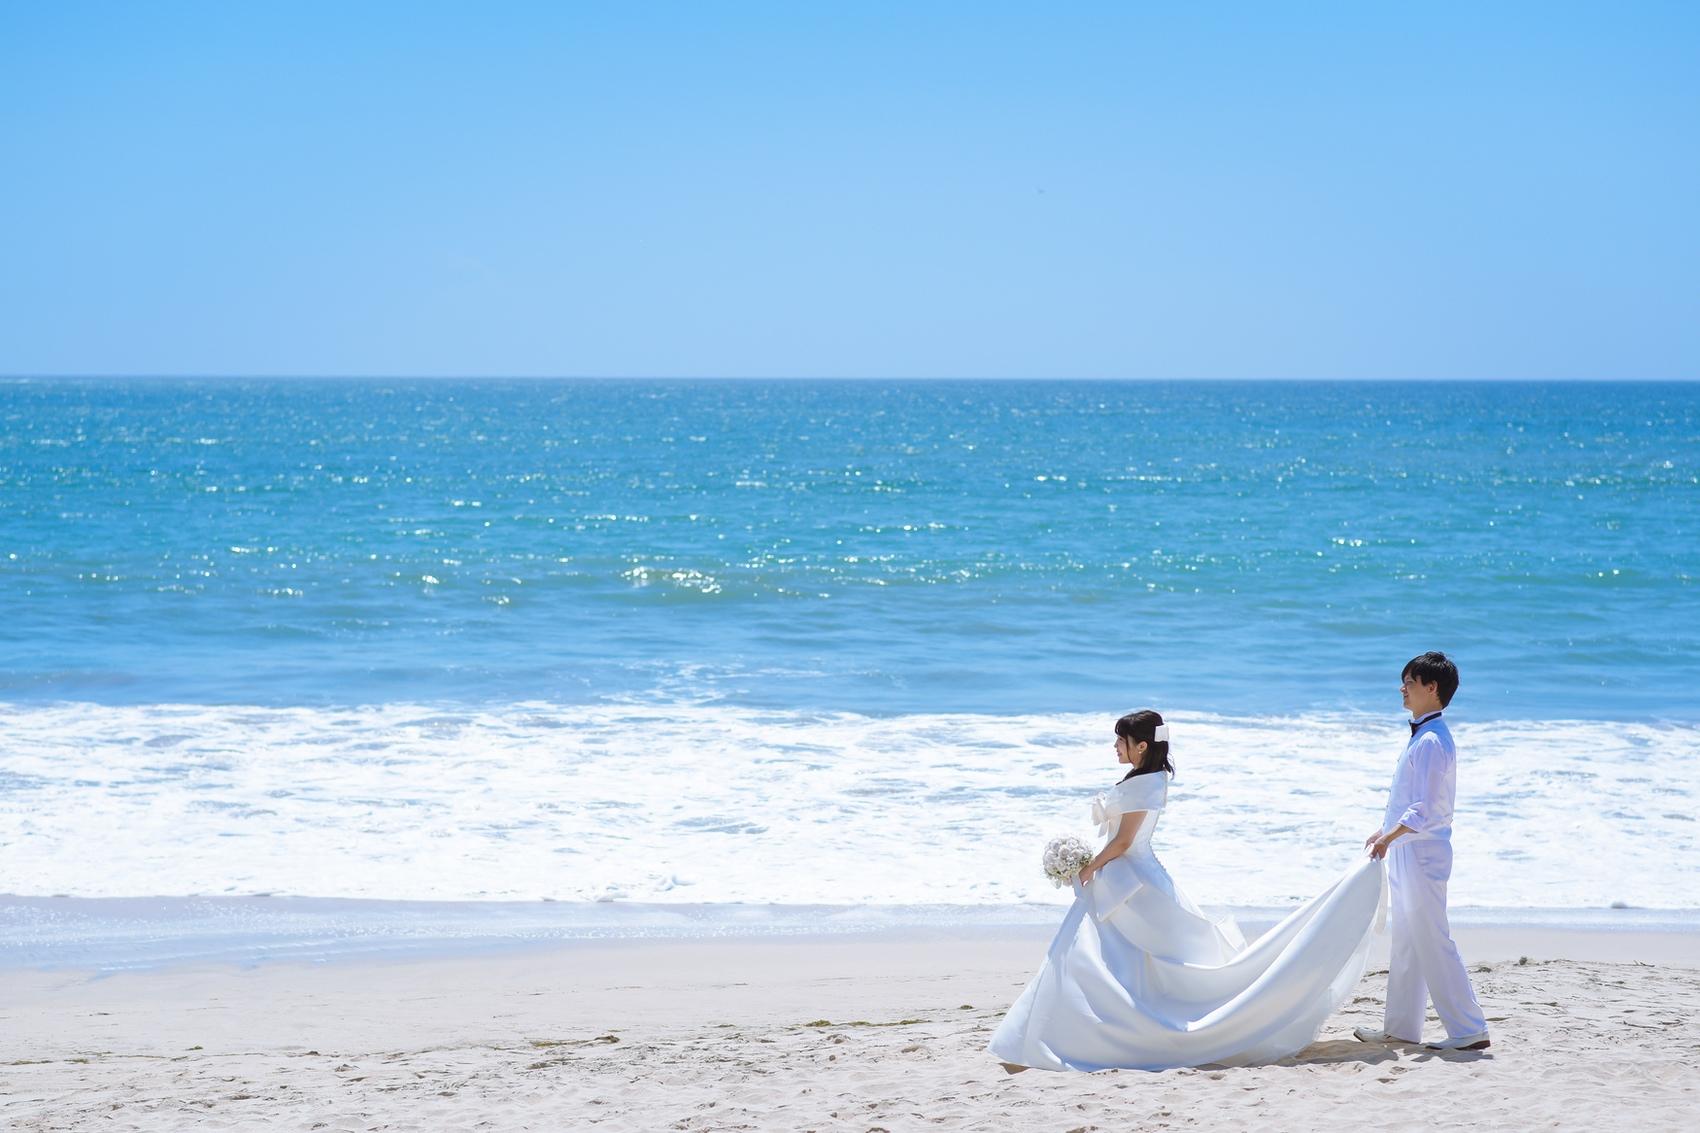 トレーンを持ってビーチをお散歩